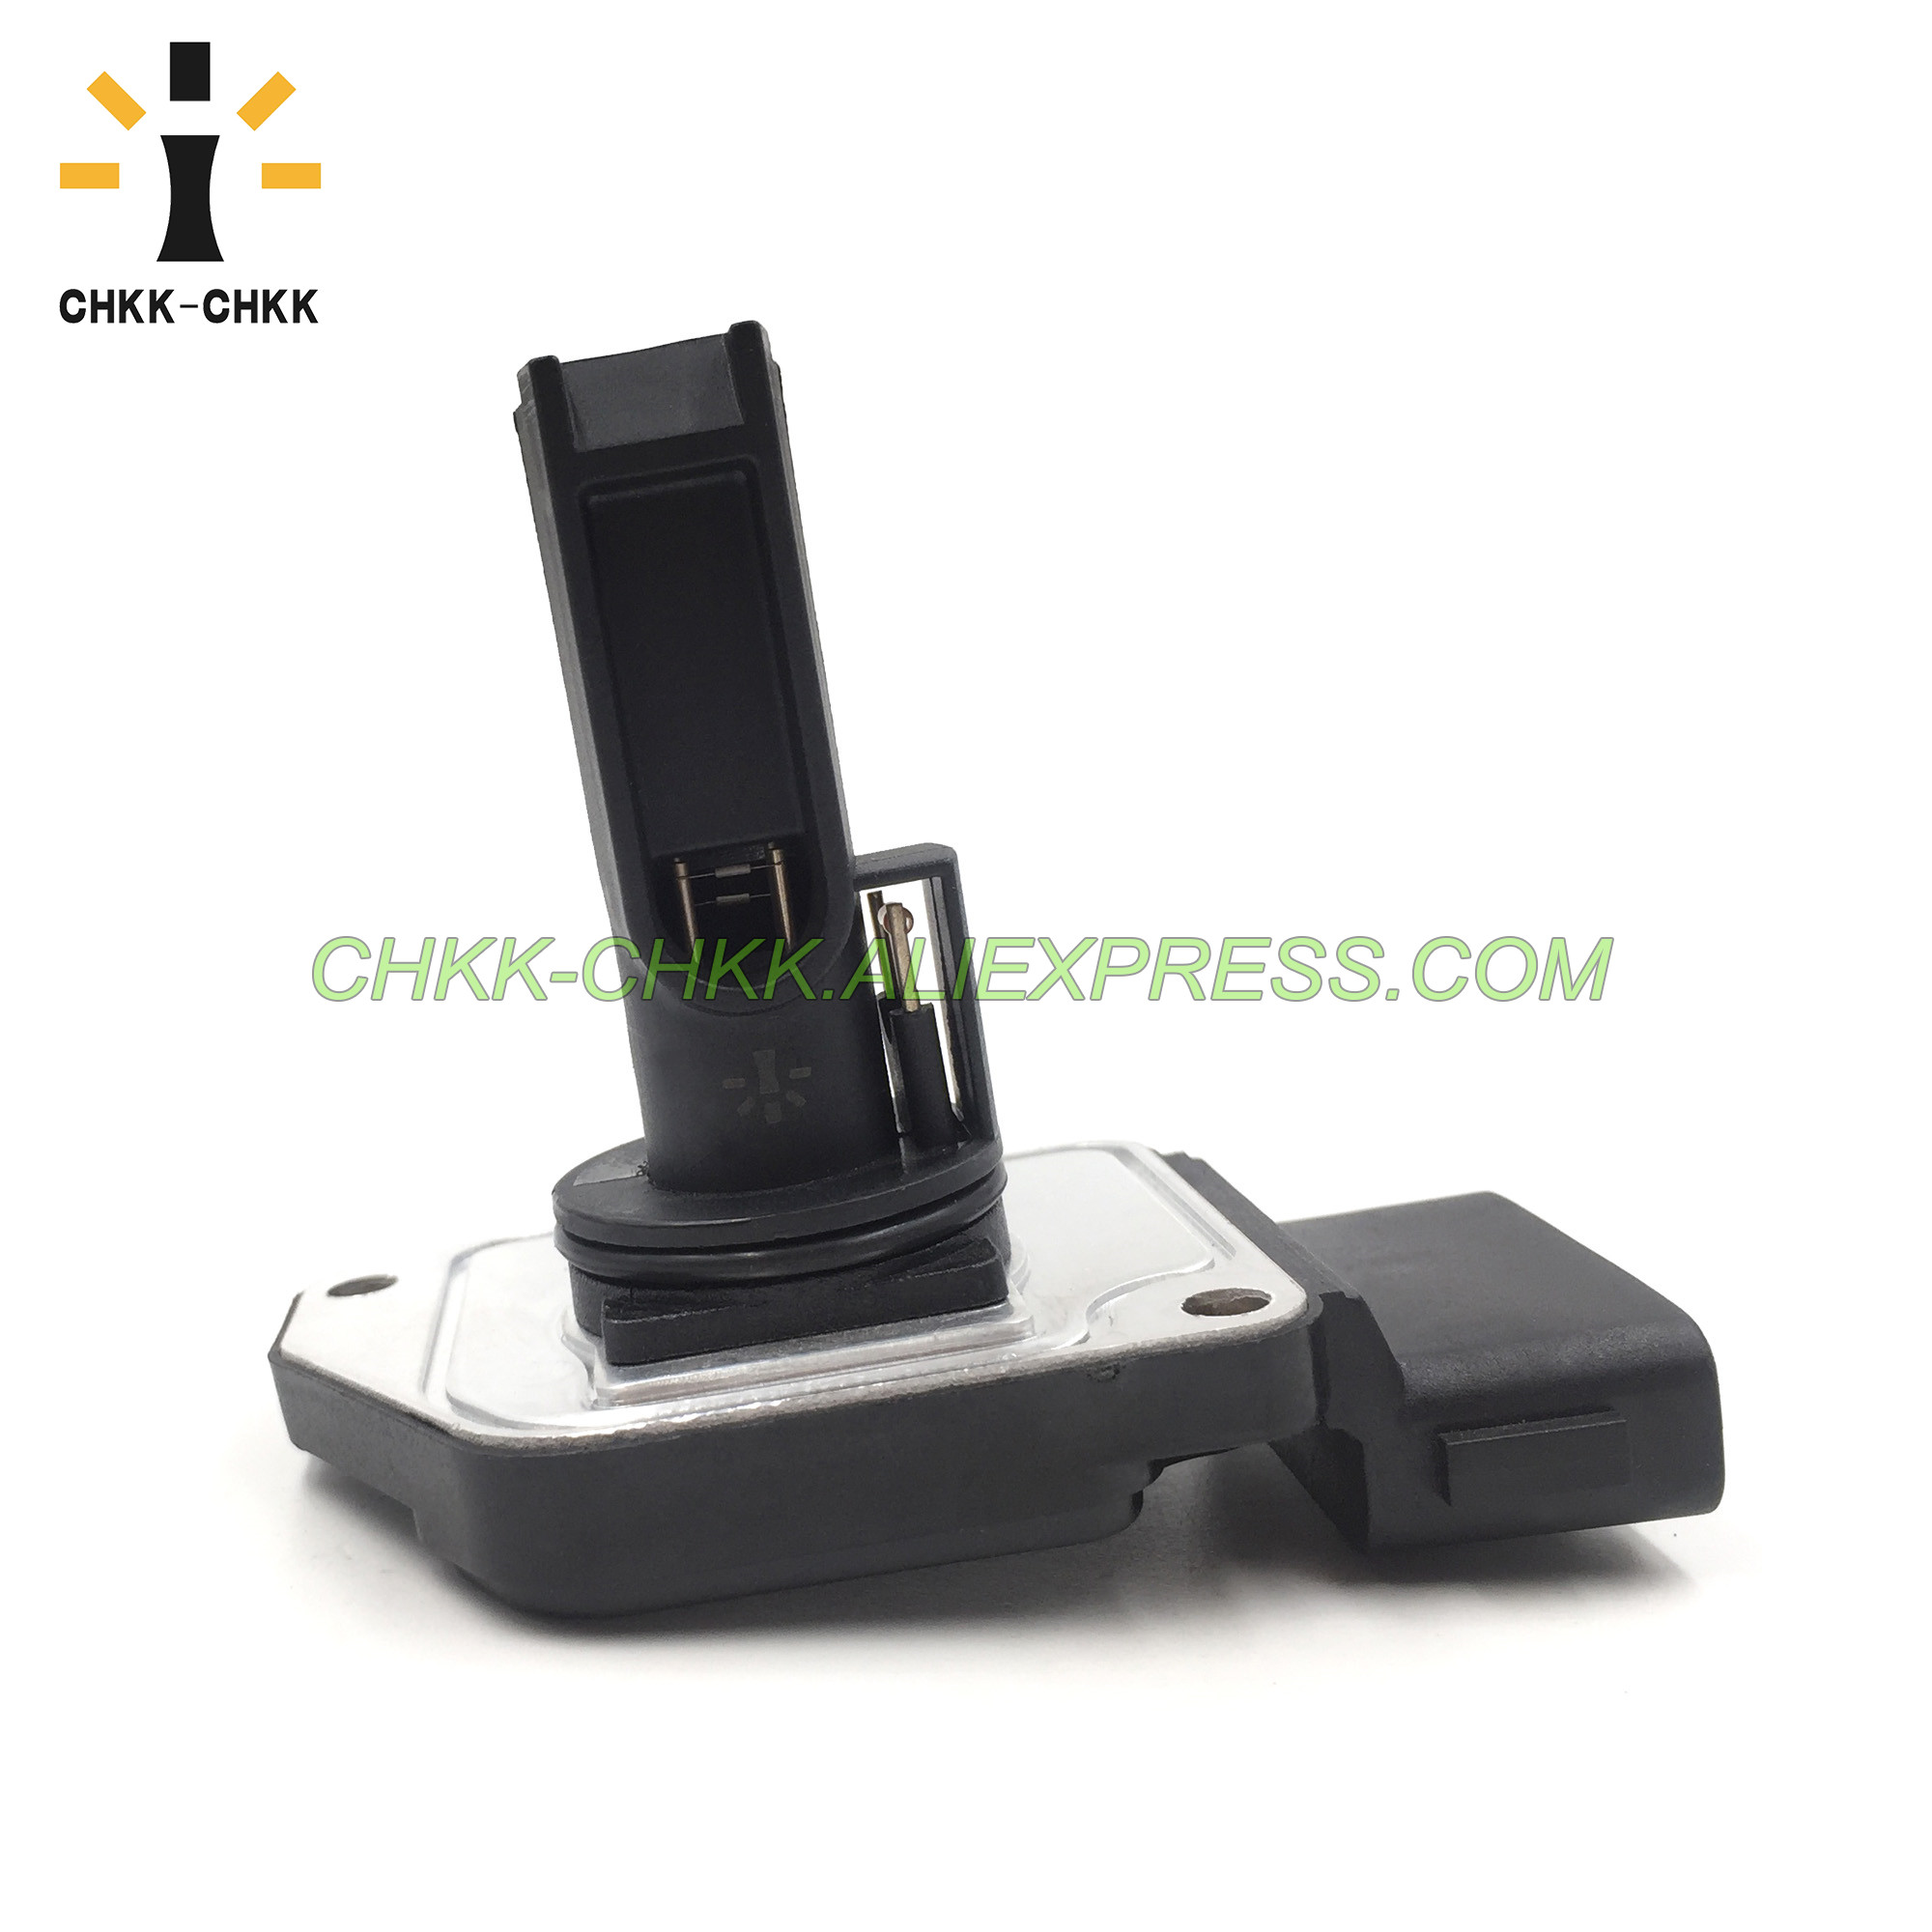 CHKK CHKK 空気質量流量計センサ 22204 から 75010 トヨタ 4 ランナー T100 タコマ 2.7L 2.4L 3RZFE -